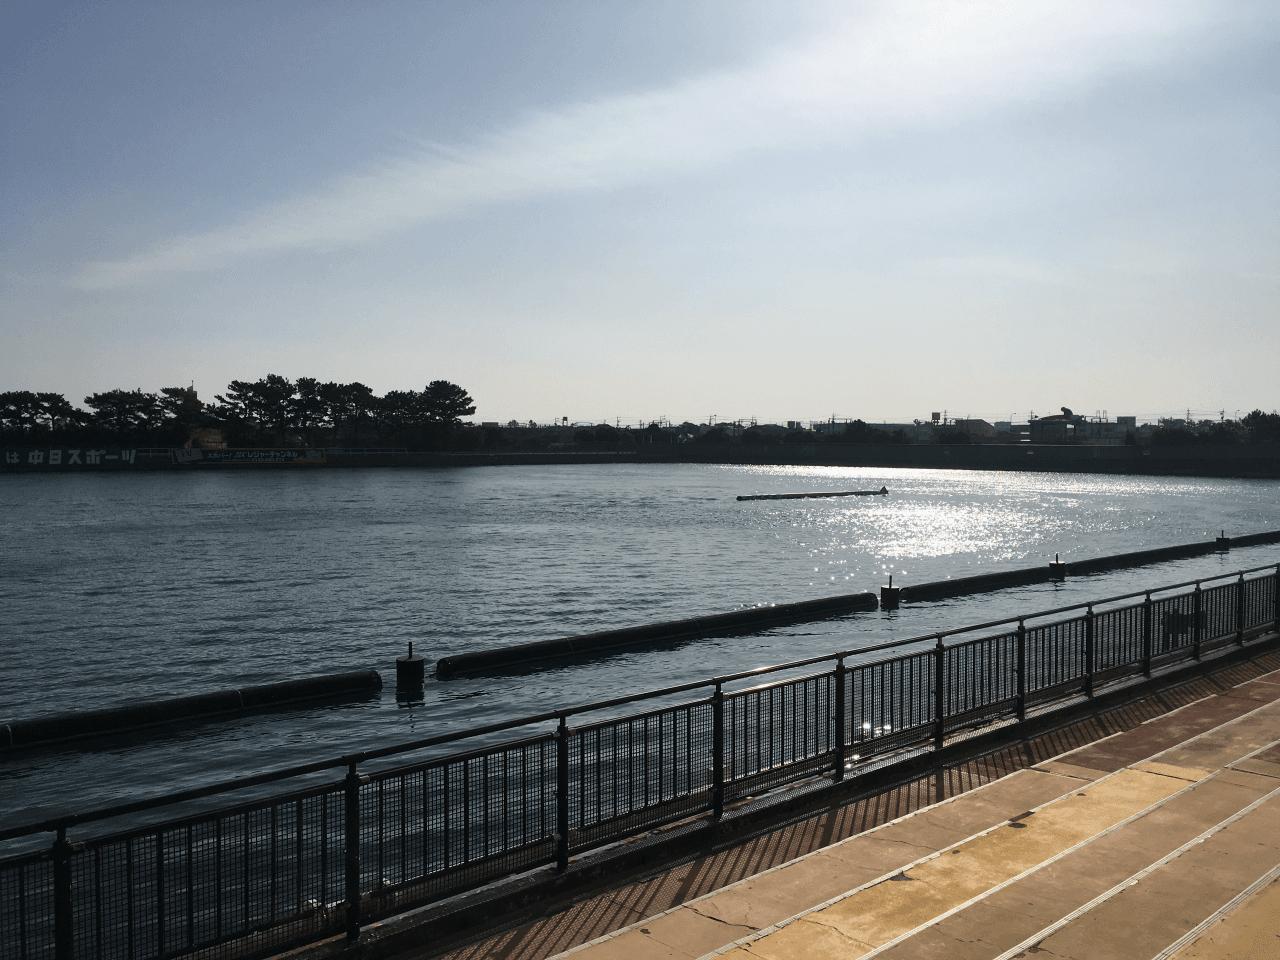 ボート 浜名 湖